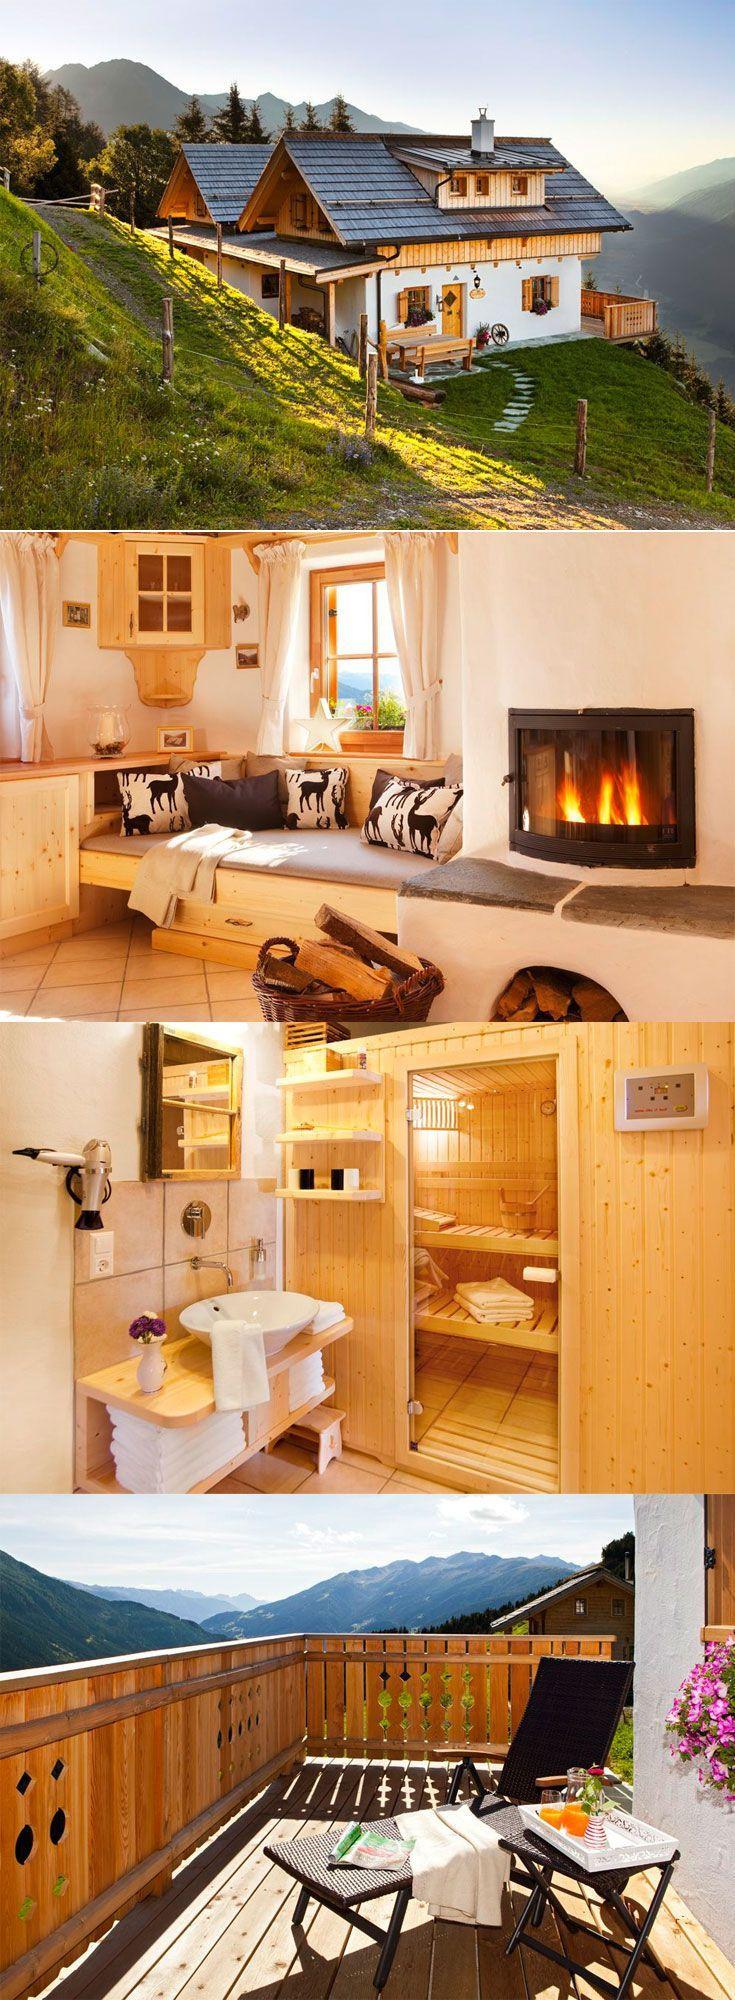 Luxusurlaub direkt auf der Alm gibt's in der Wildererhütte in Kärnten. – Carola Hübner